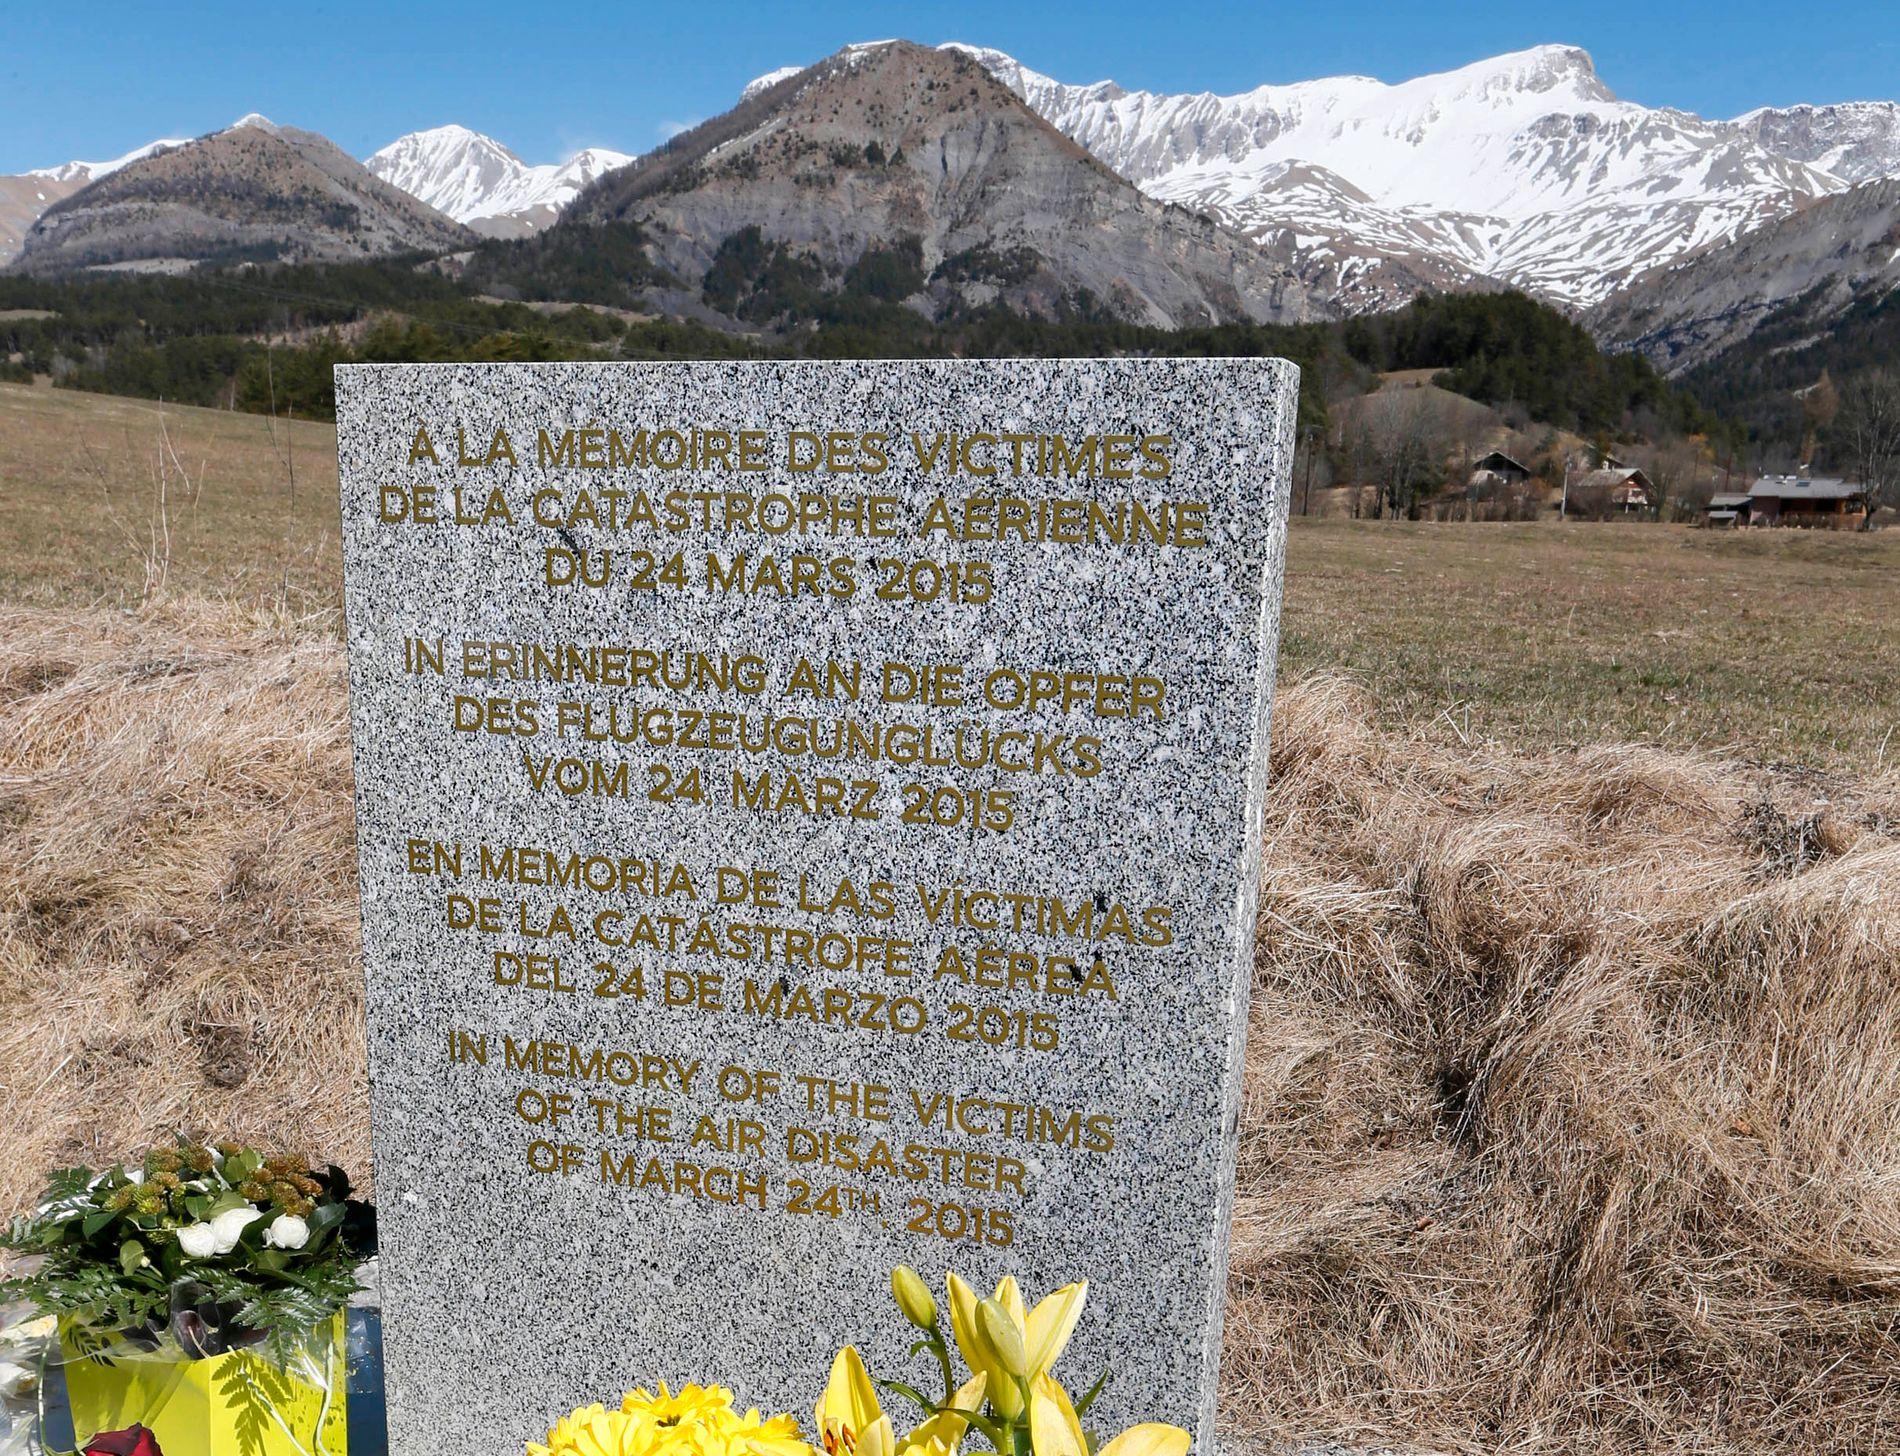 MINNESMERKET: I de franske Alpene står minneplaten for de 150 flystyrt-ofrenes navn. FOTO: REUTERS